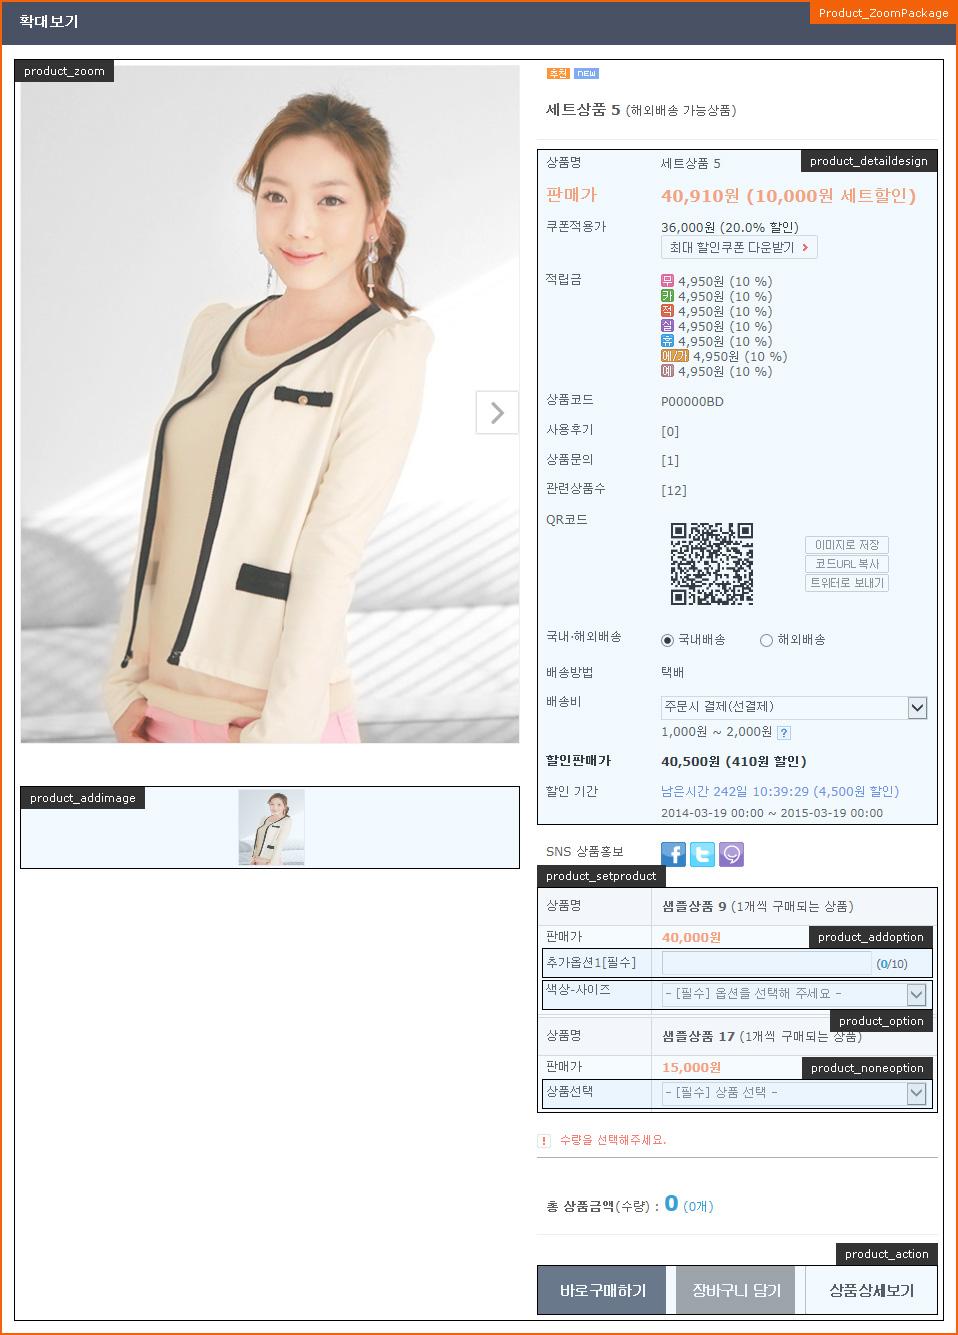 한국어 이미지 확대보기 팝업 상품상세형 - 스마트디자인 서포트